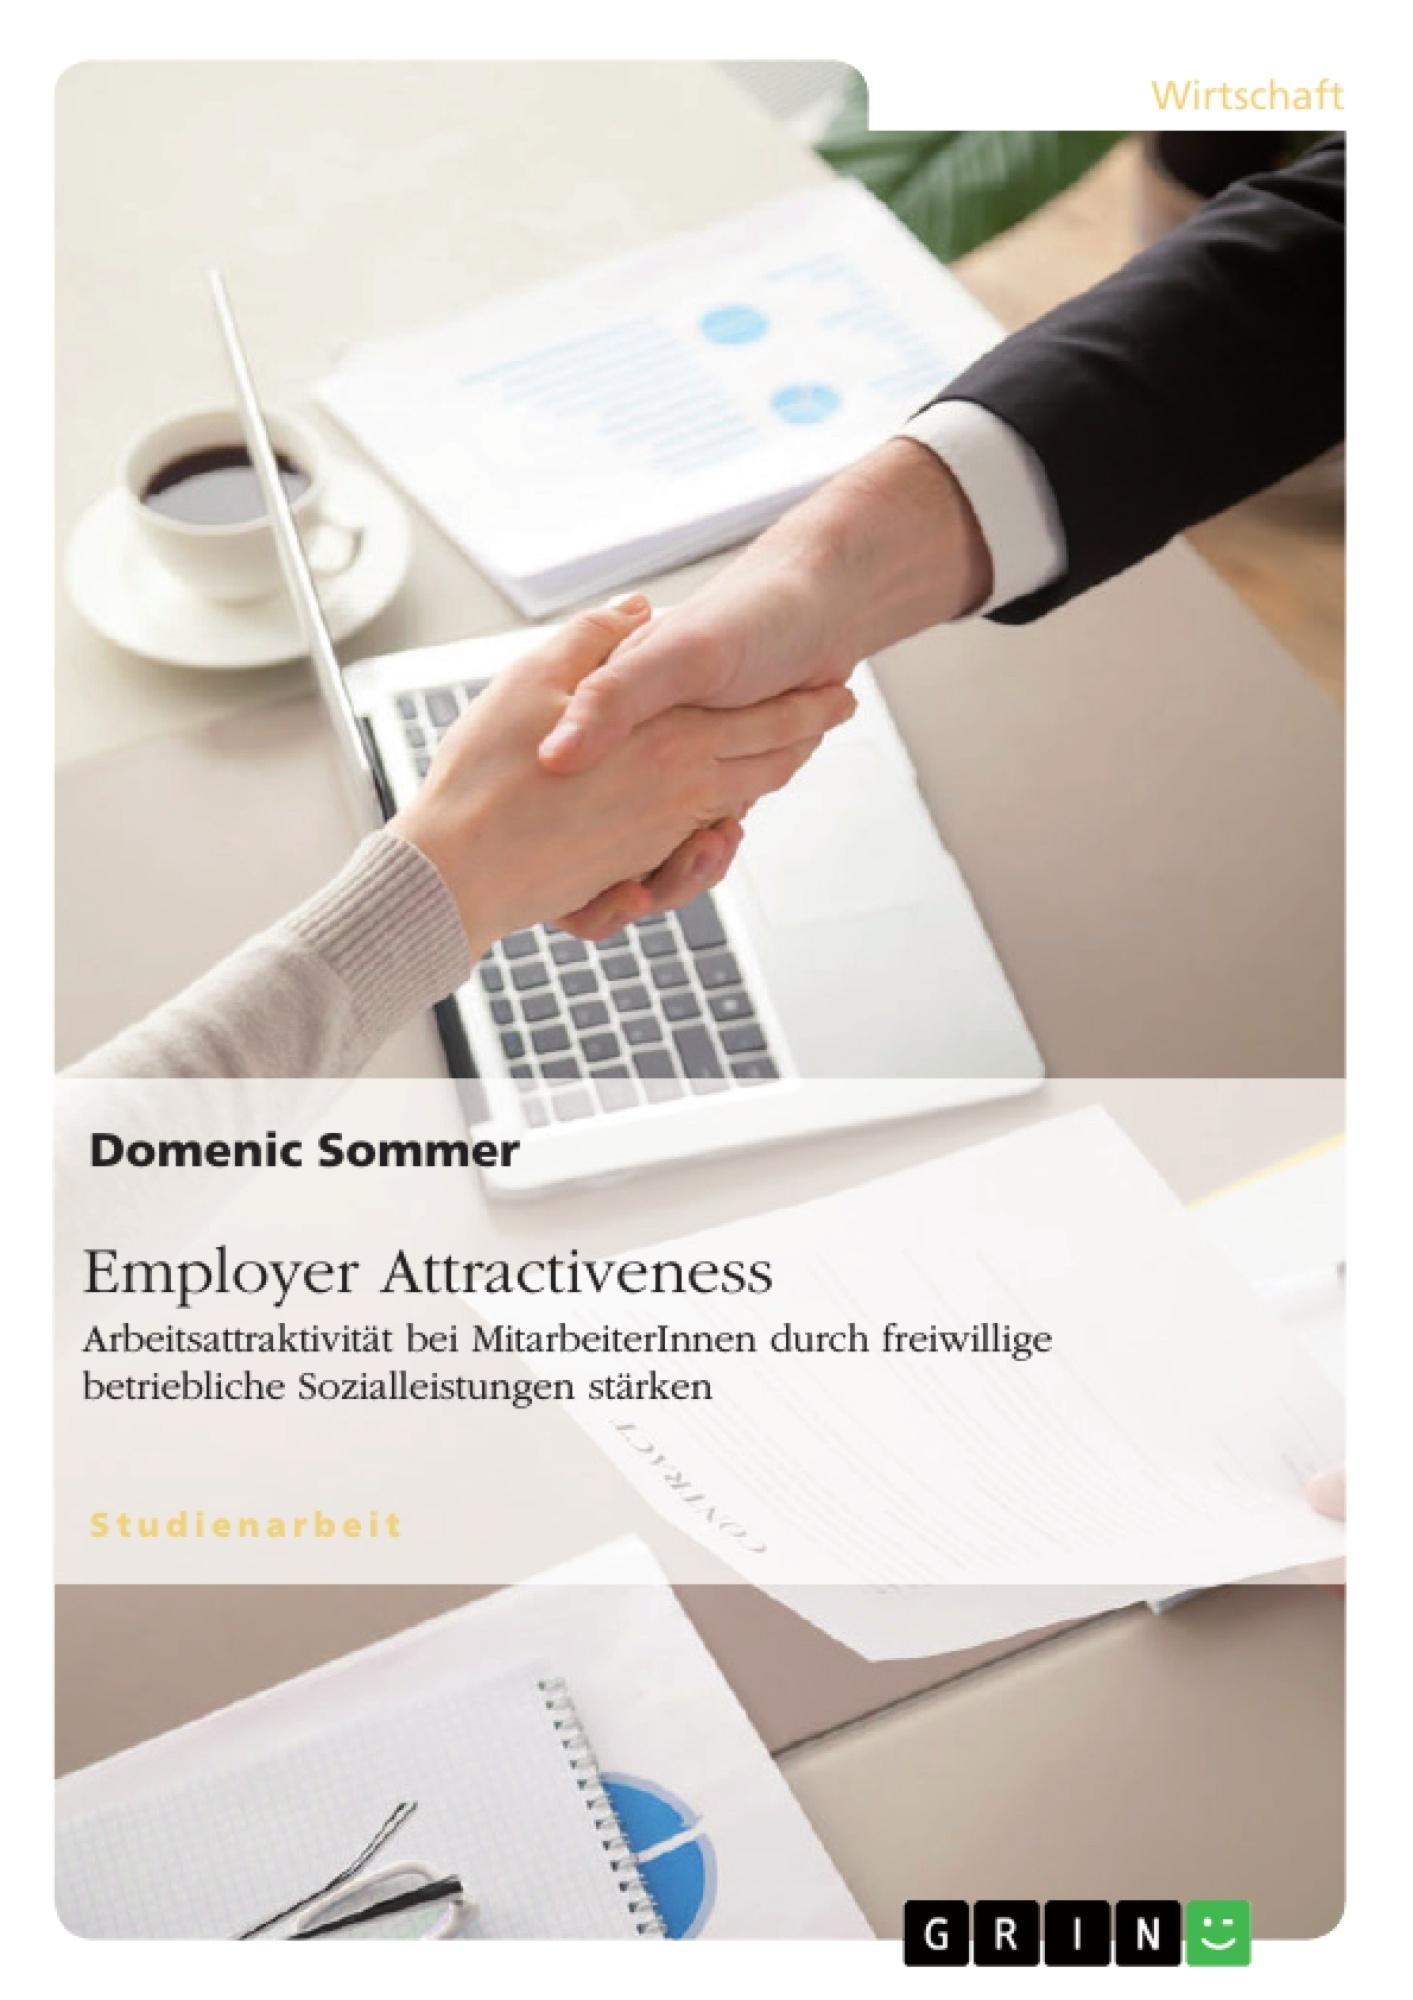 Titel: Employer Attractiveness. Arbeitsattraktivität bei MitarbeiterInnen durch freiwillige betriebliche Sozialleistungen stärken